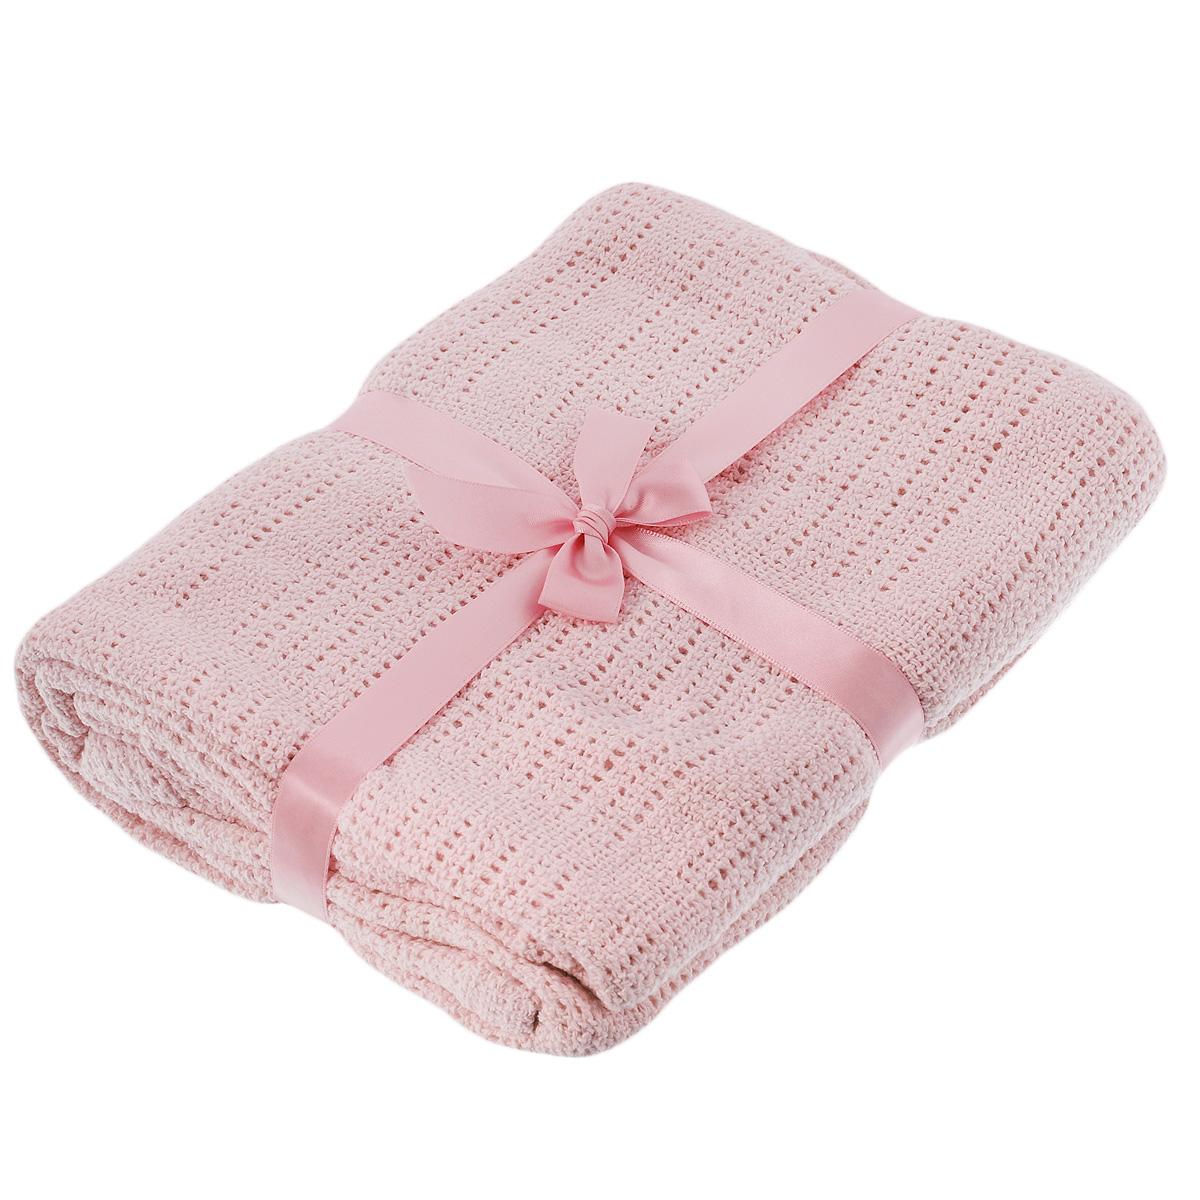 Одеяло детское Baby Nice, вязаное, цвет: розовый, 100 см x 140 см. D40612D40612